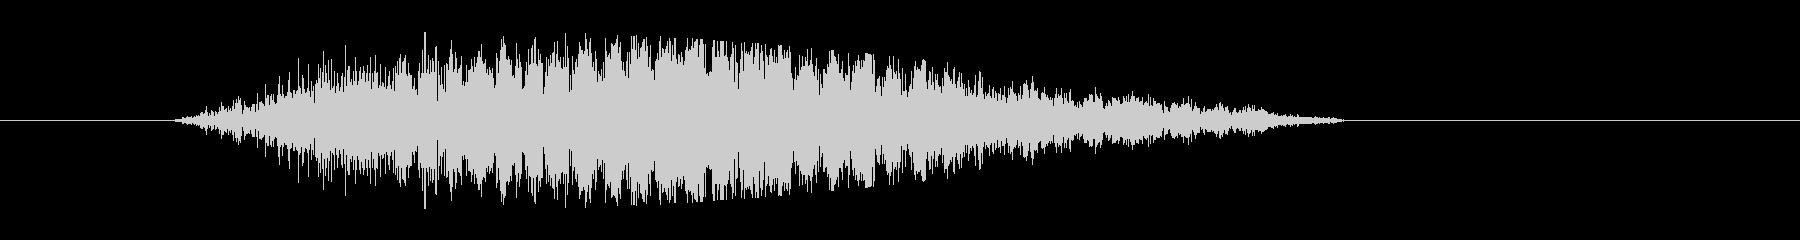 レーザー音-47-3の未再生の波形